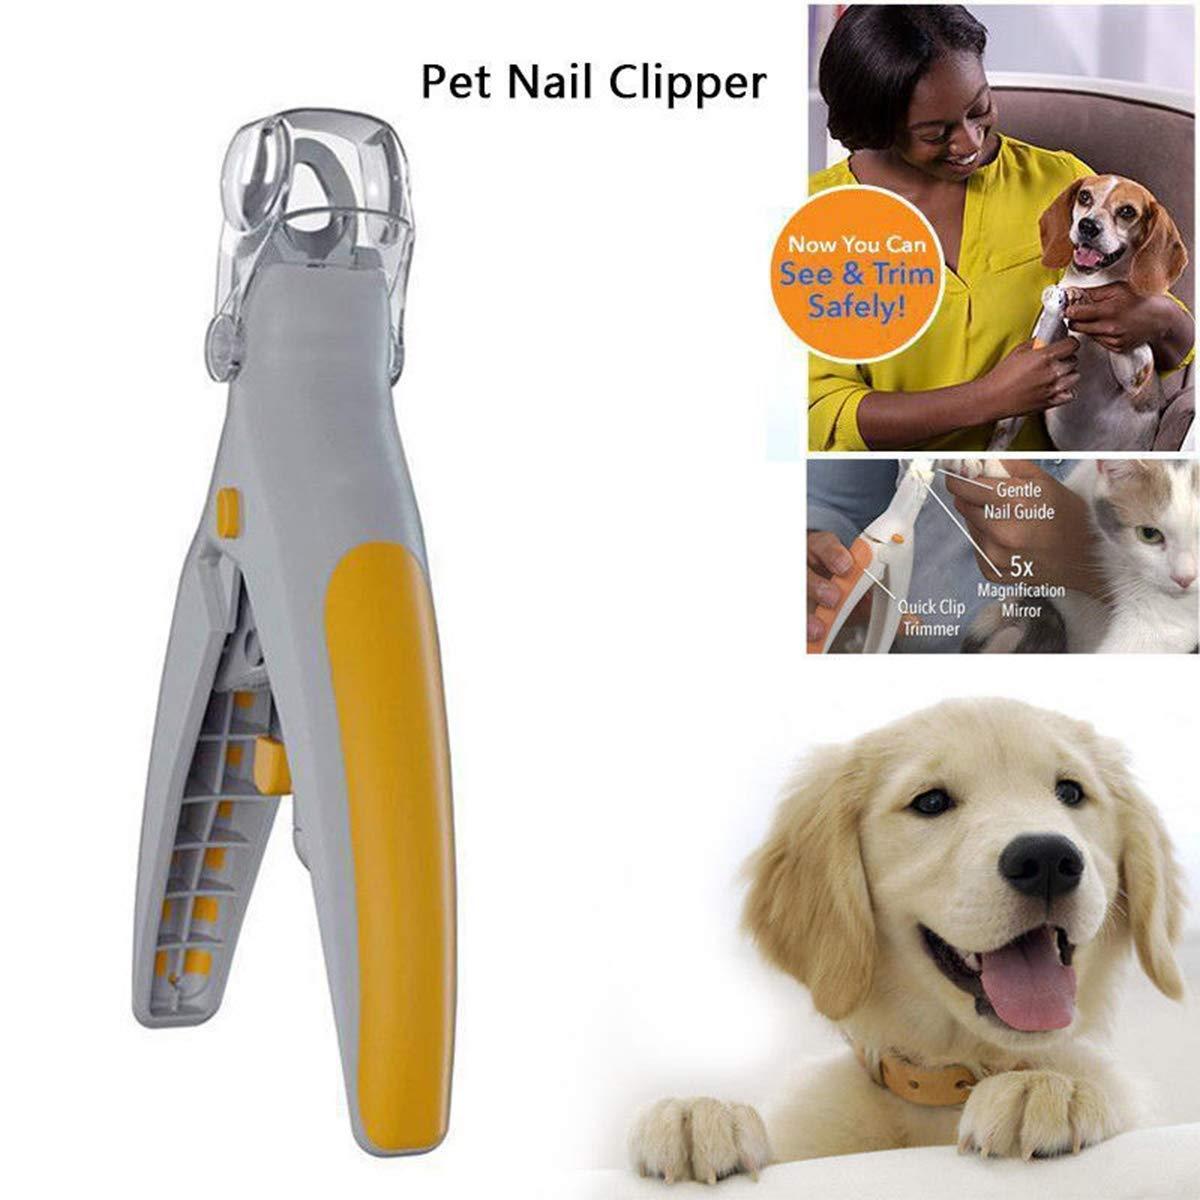 HyPee 2018 Magic Nails Haustiere Cutter Pet Nagelknipser, Hund Nagel Trimmer und Zehennagel Clippers, Pet Nagel Scissor Great für Katzen und Hunde, Funktionen LED-Licht